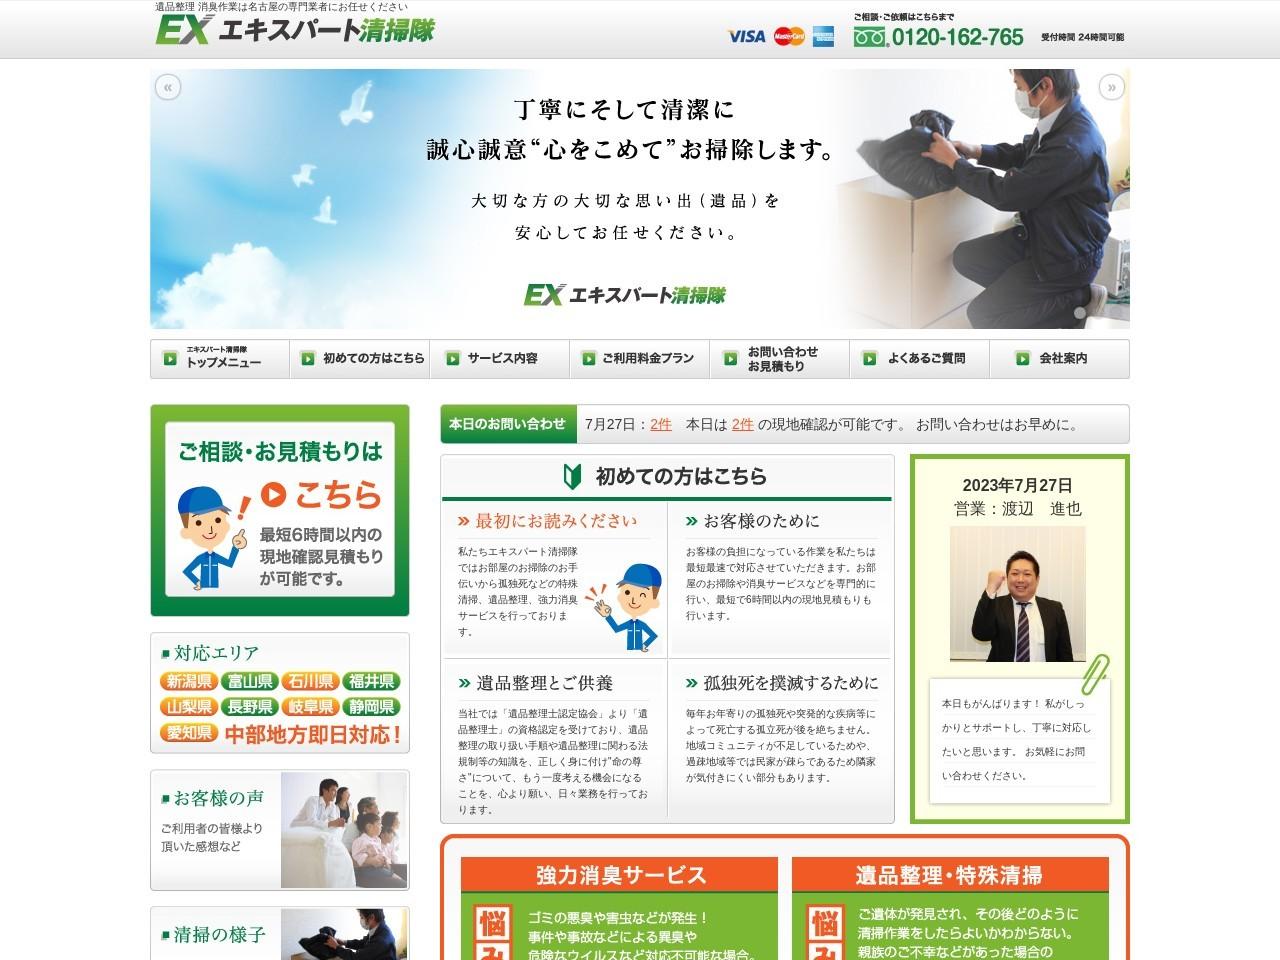 株式会社日本・消臭サービス